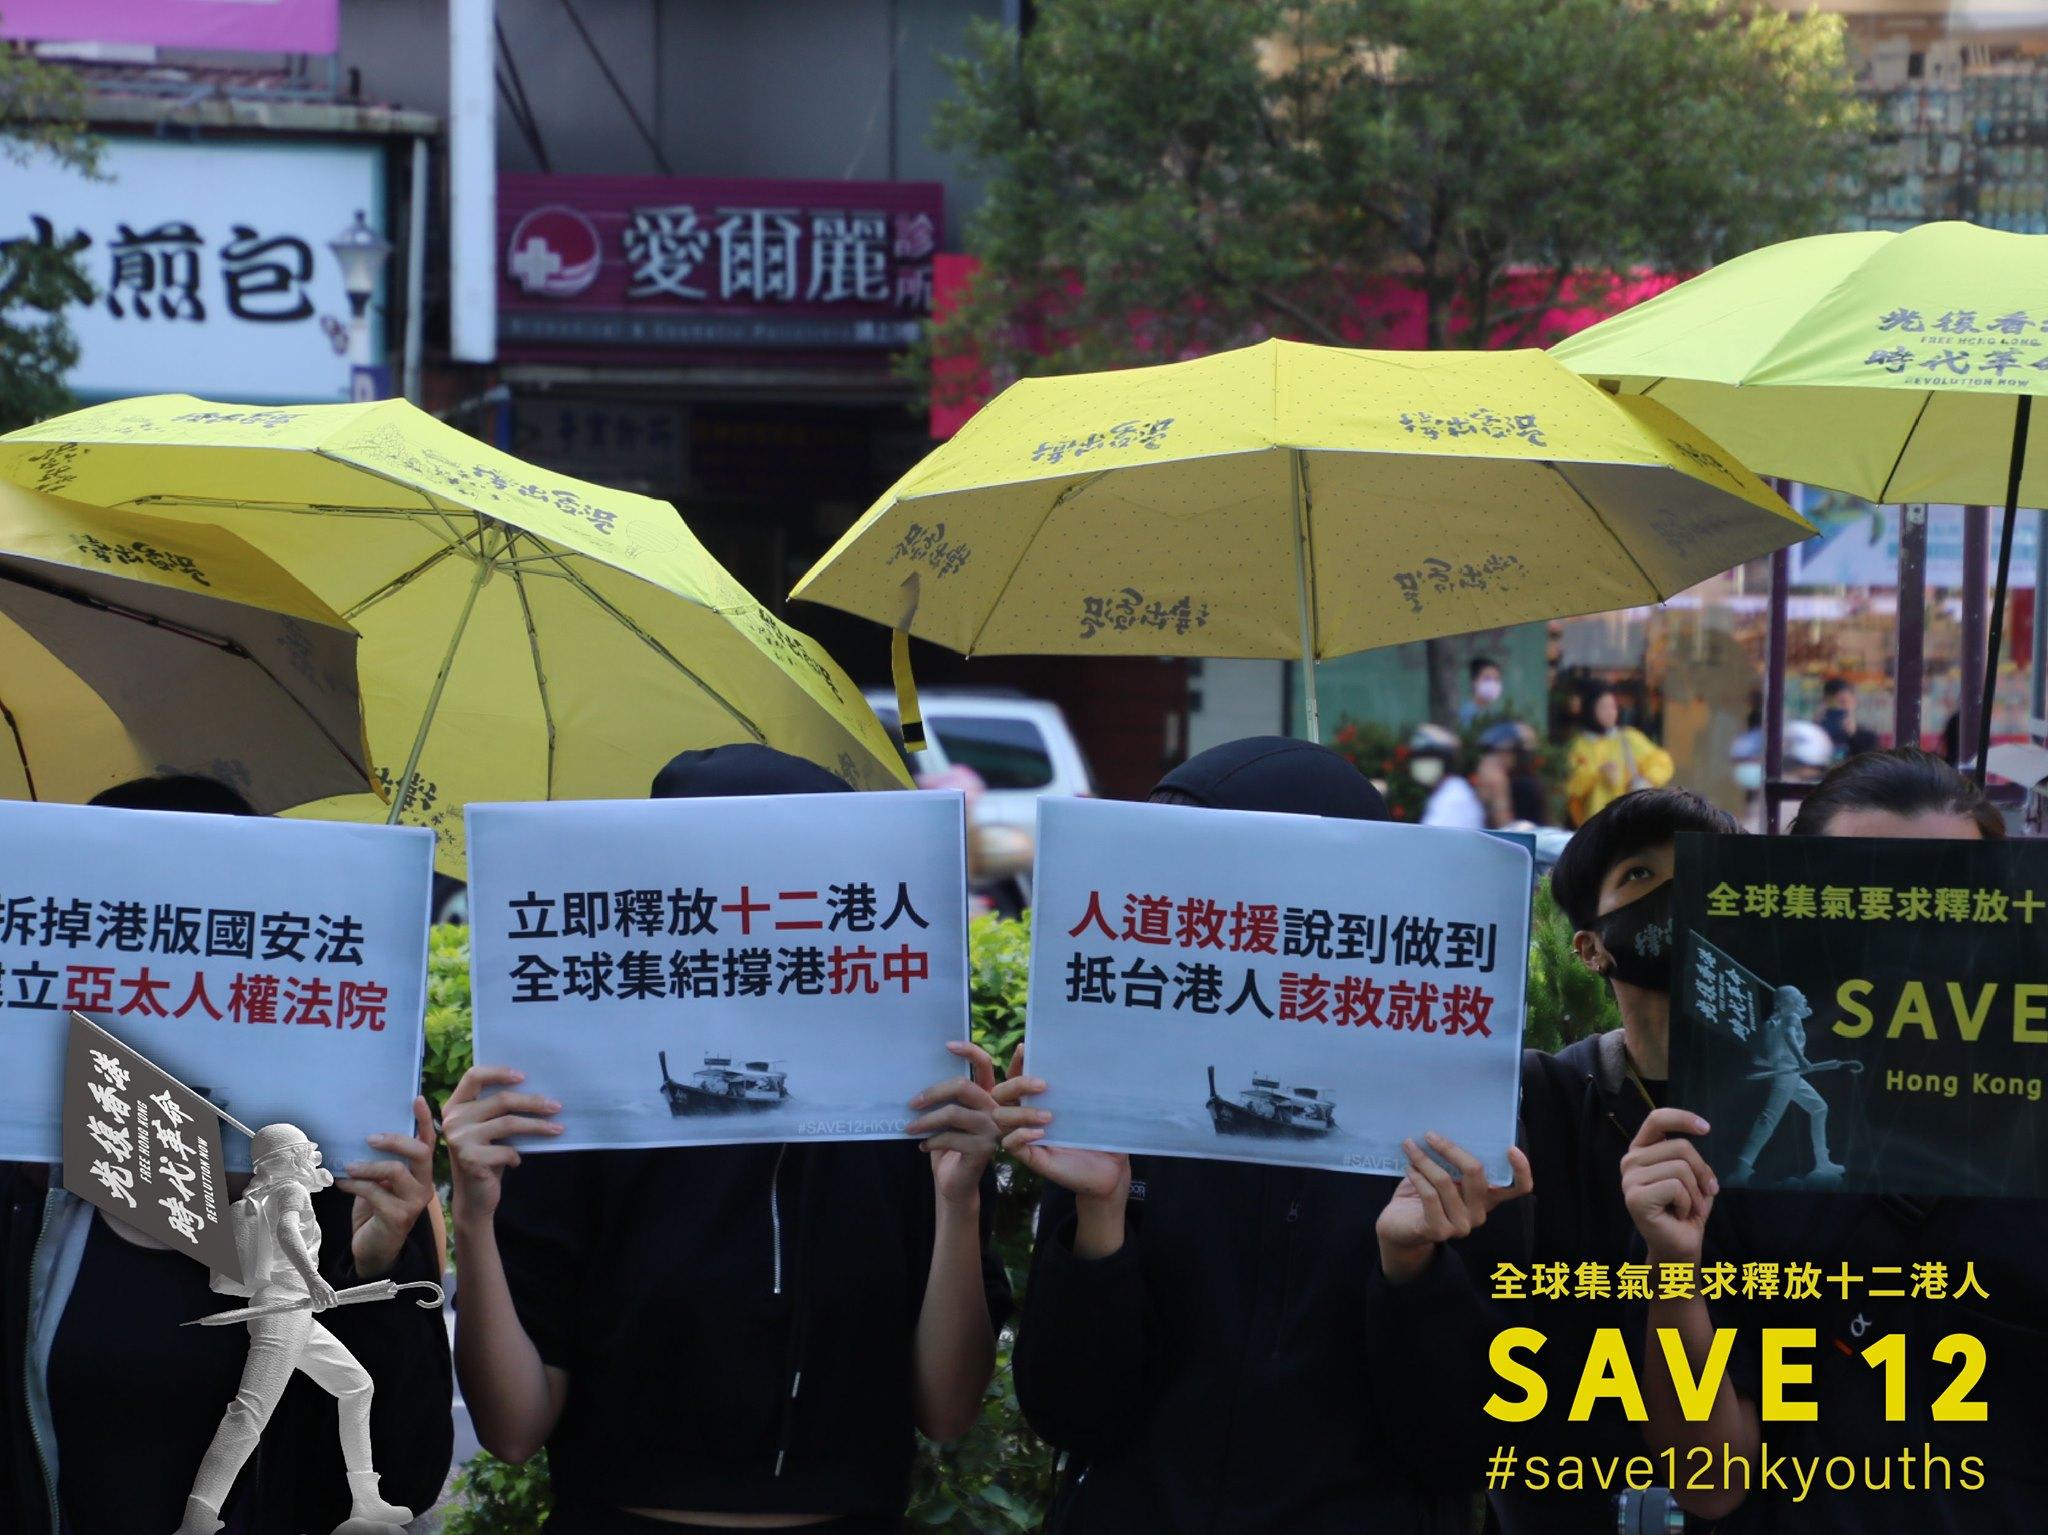 全球展开声援十二名被捕香港活动人士抗议活动